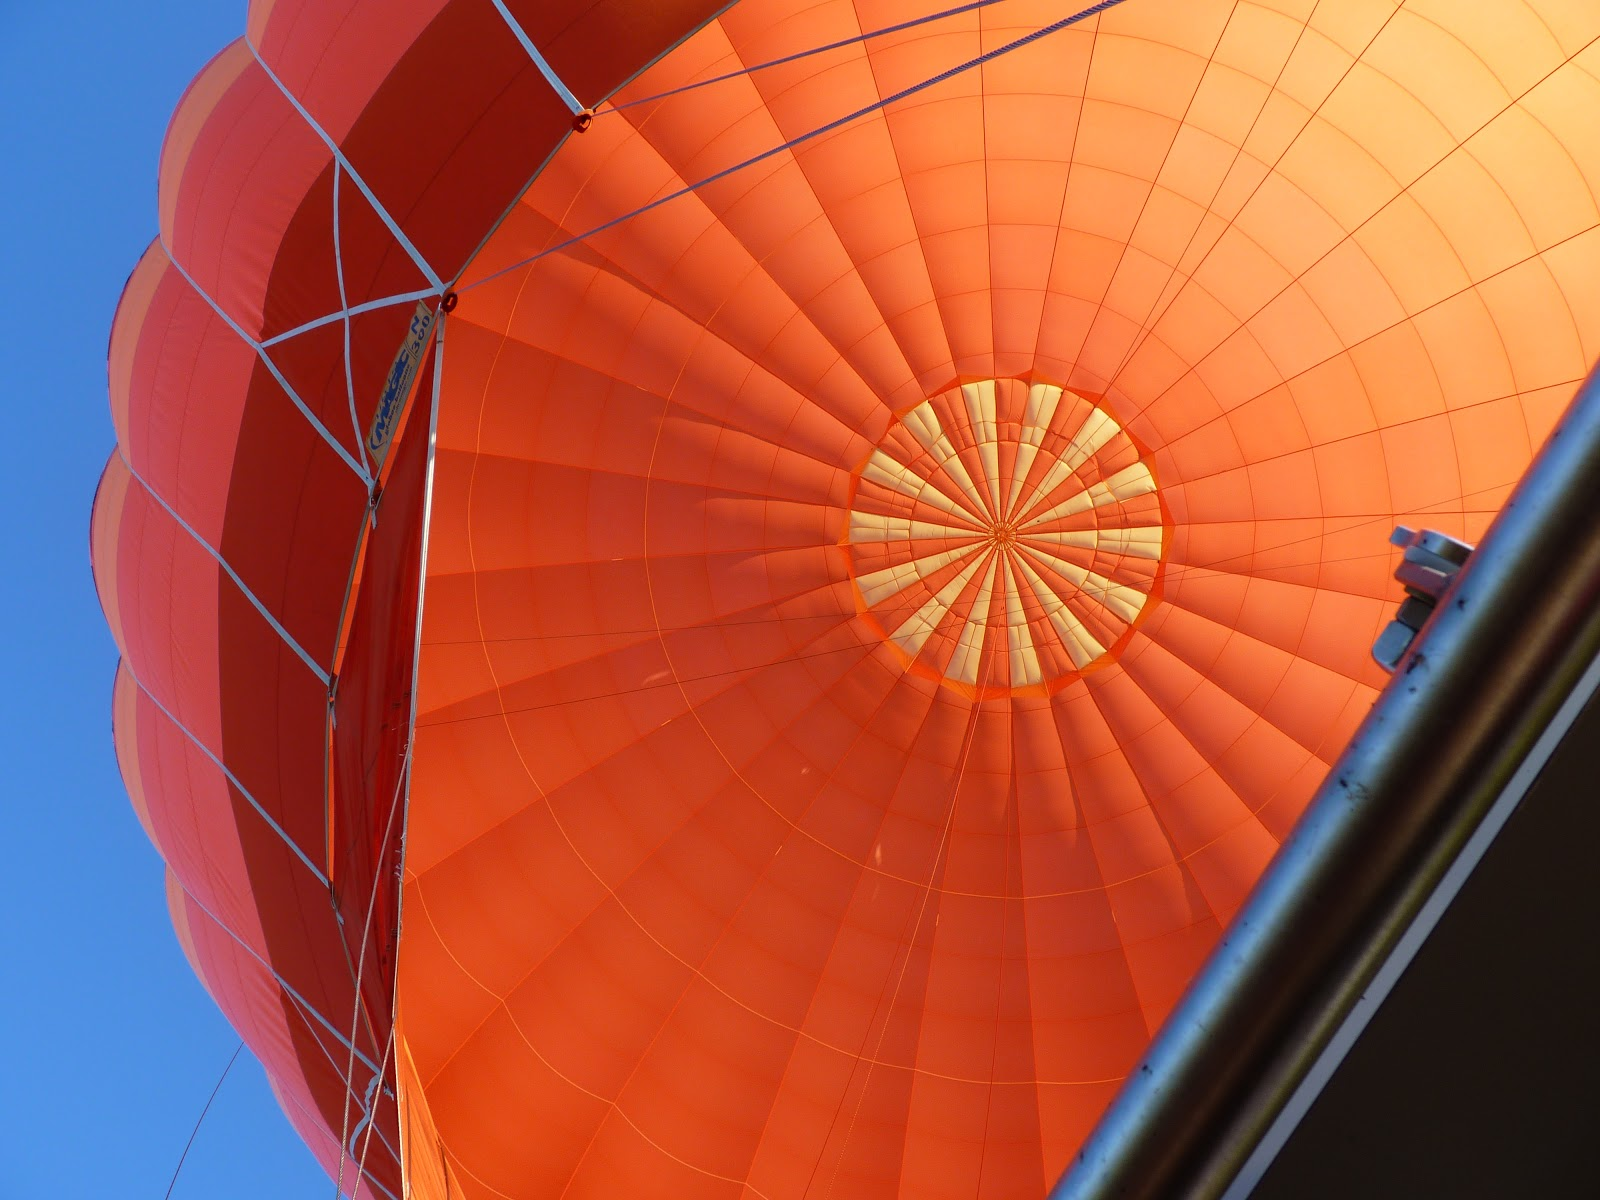 Vol en montgolfière, juin 2018